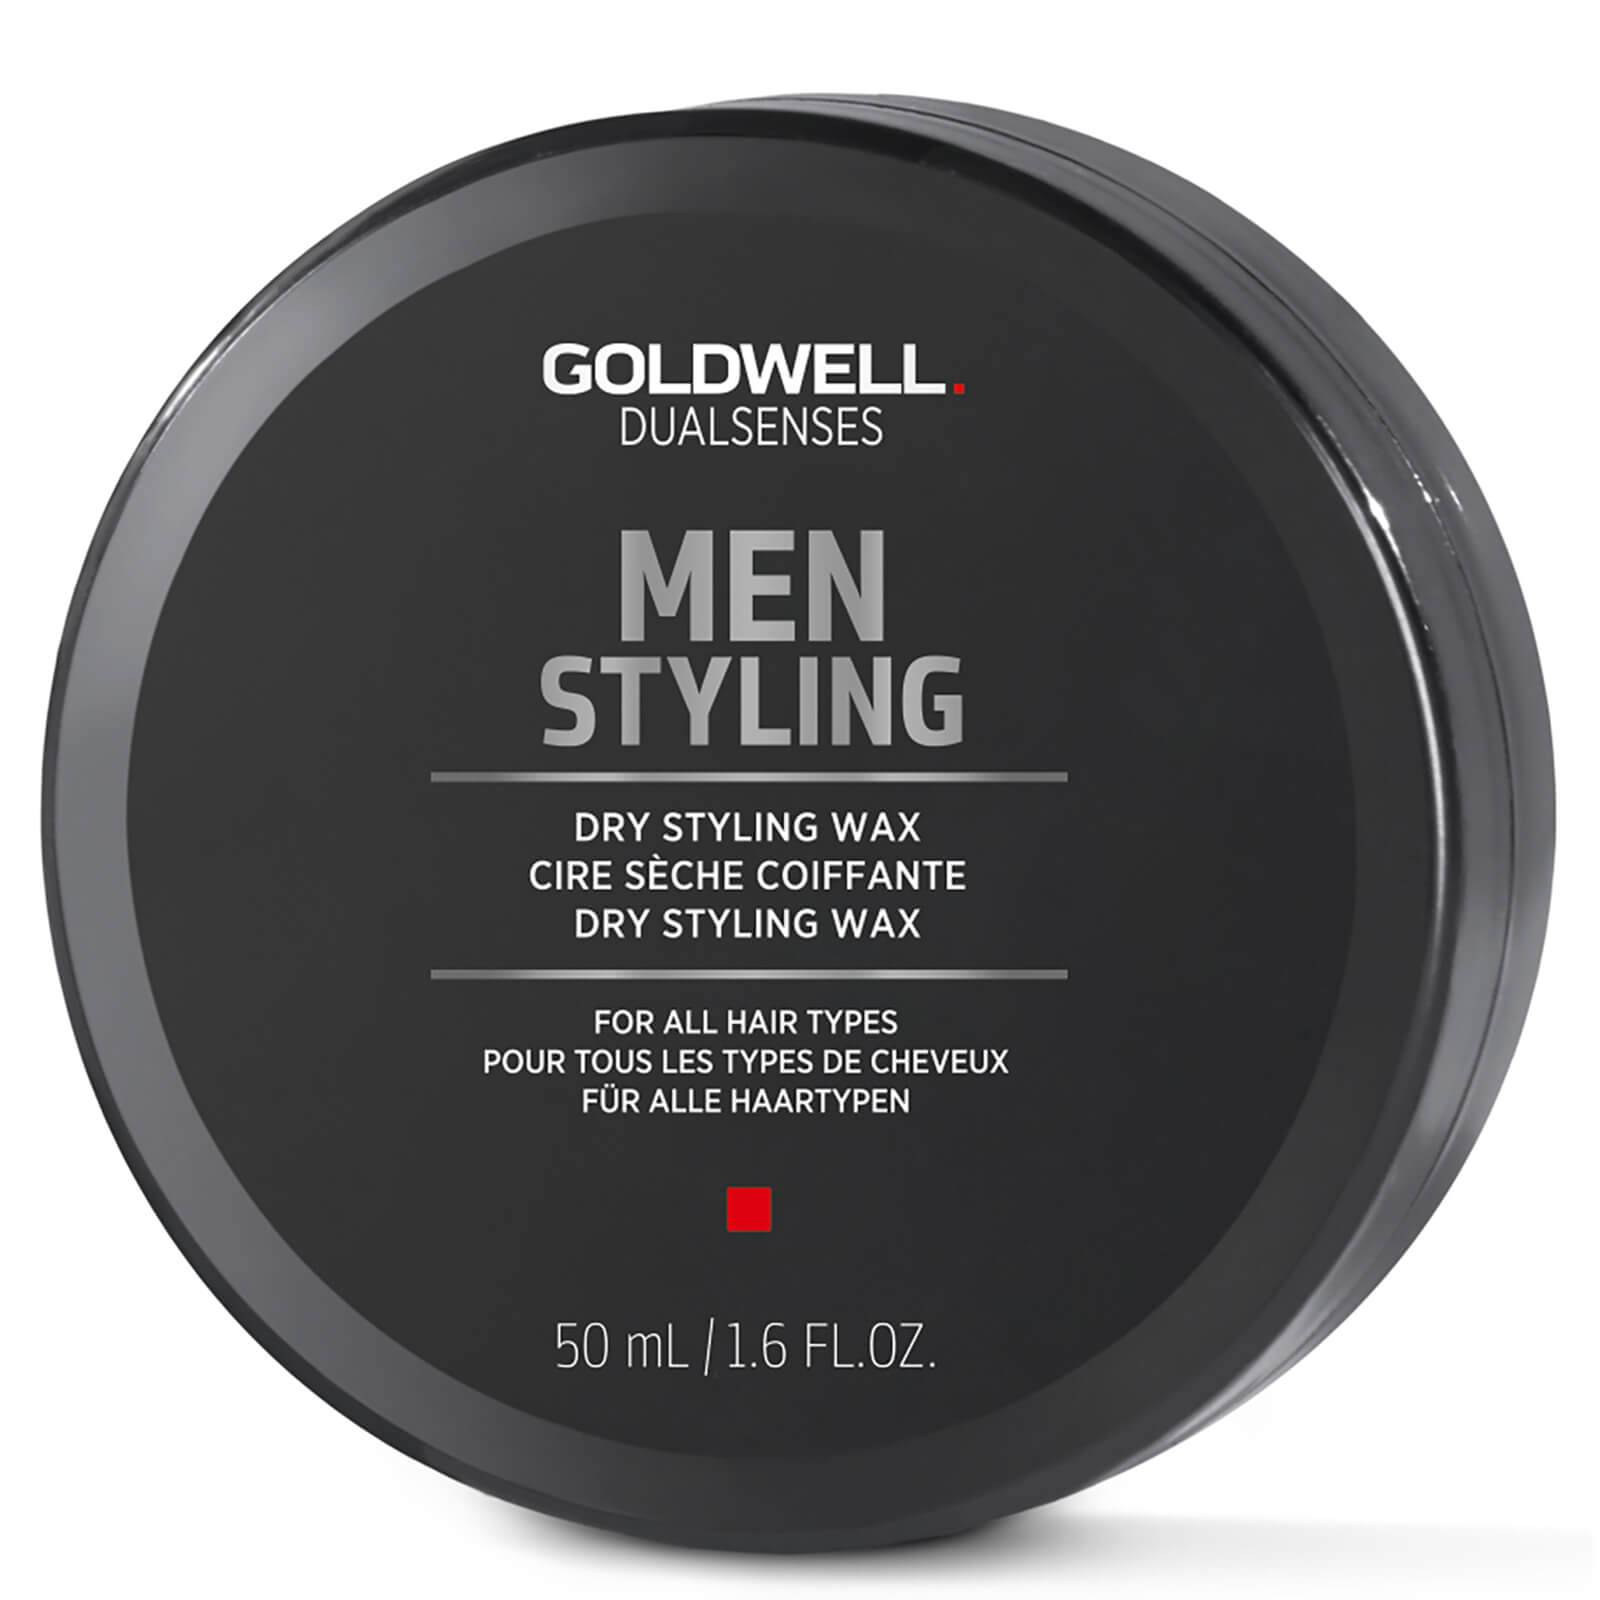 Goldwell Cire coiffante sèche Dualsenses pour hommes de Goldwell(50ml)